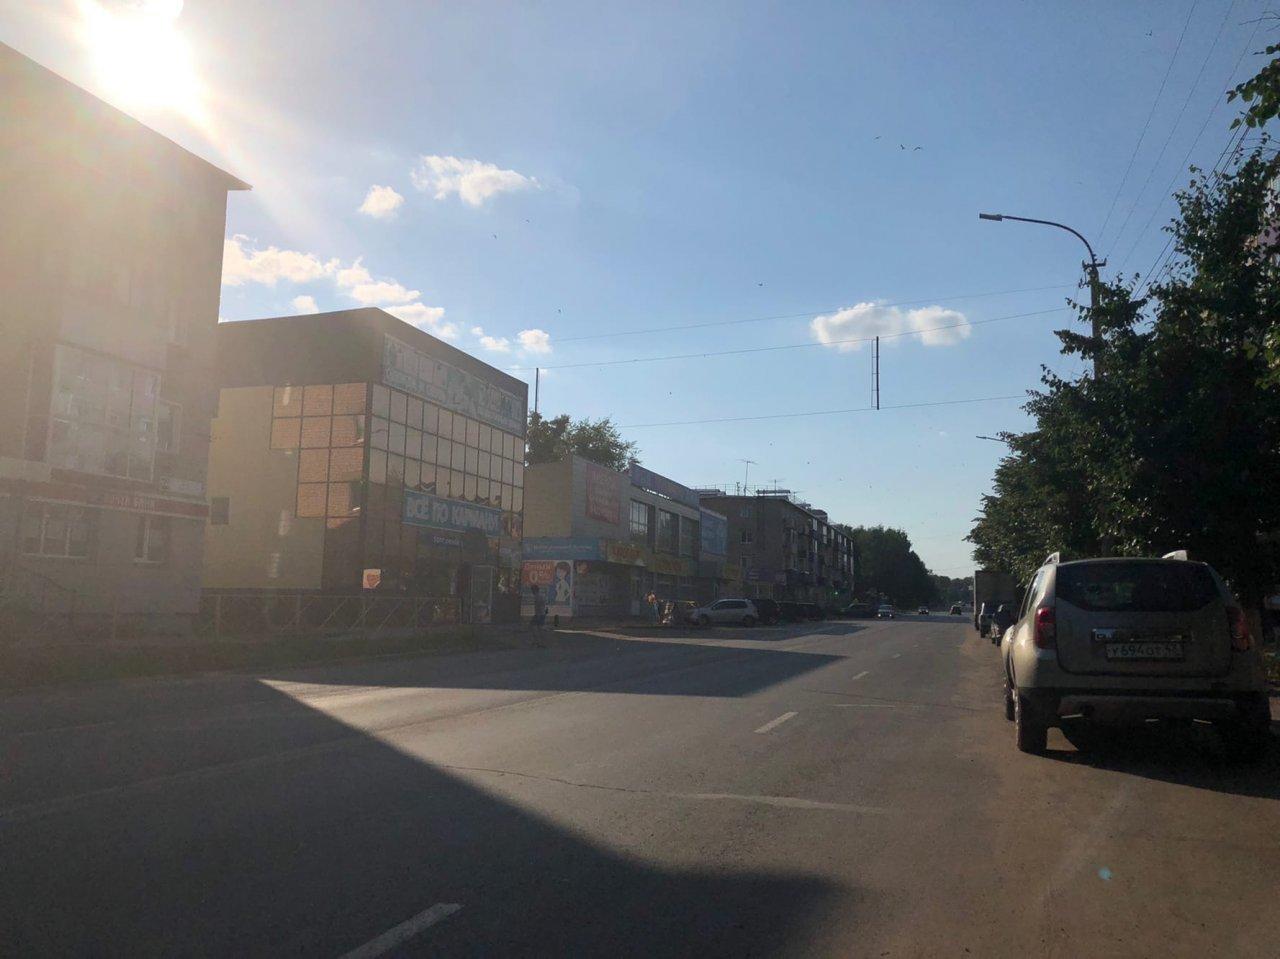 Опубликован прогноз погоды в Кирово-Чепецке на сентябрь 2020 года